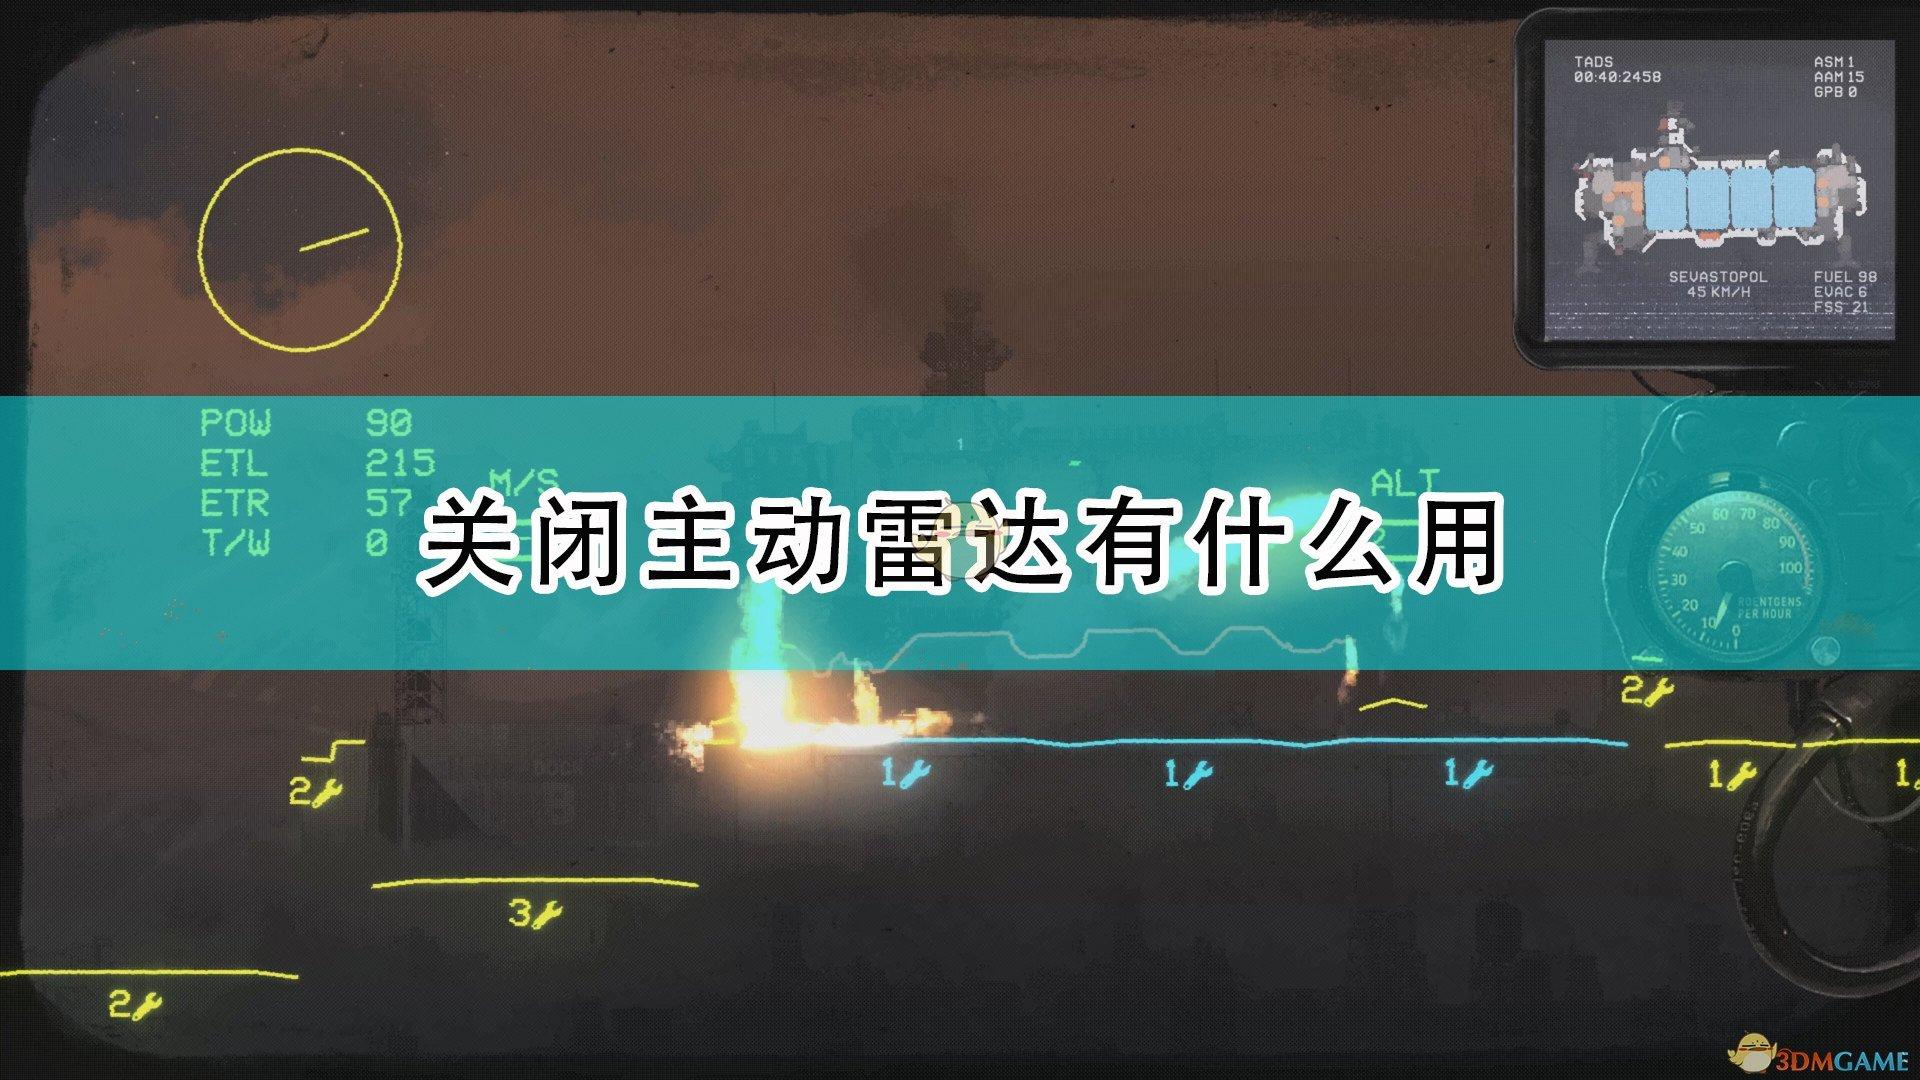 《高空艦隊》關閉主動雷達作用介紹